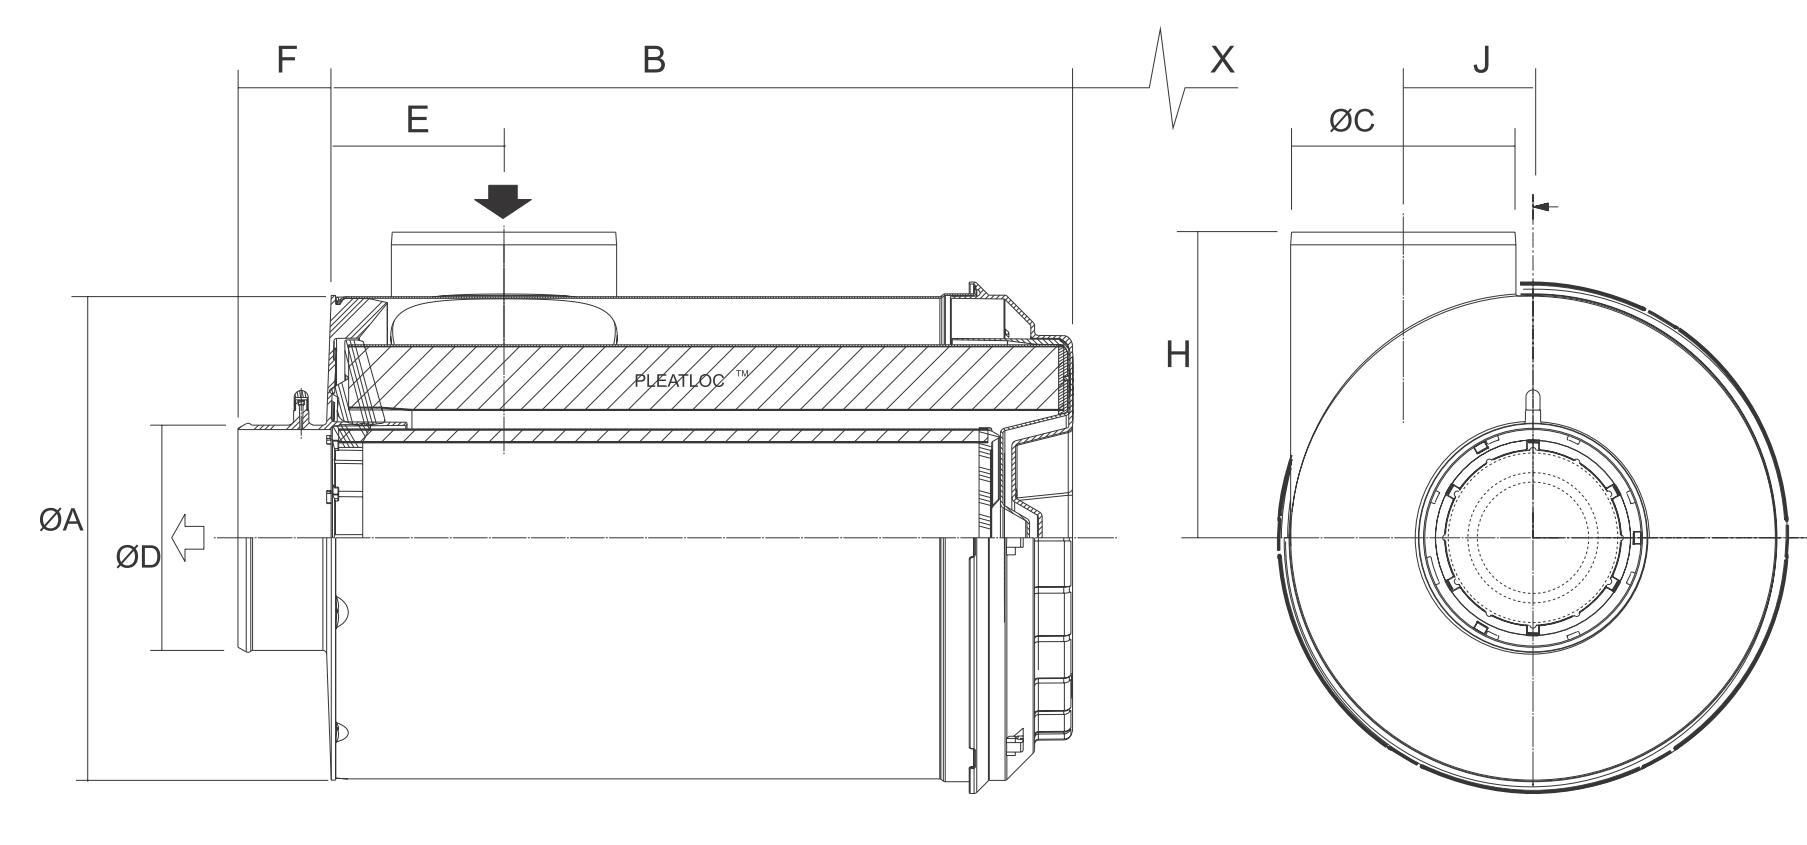 B100126 Luftfilter RadialSeal ERB2